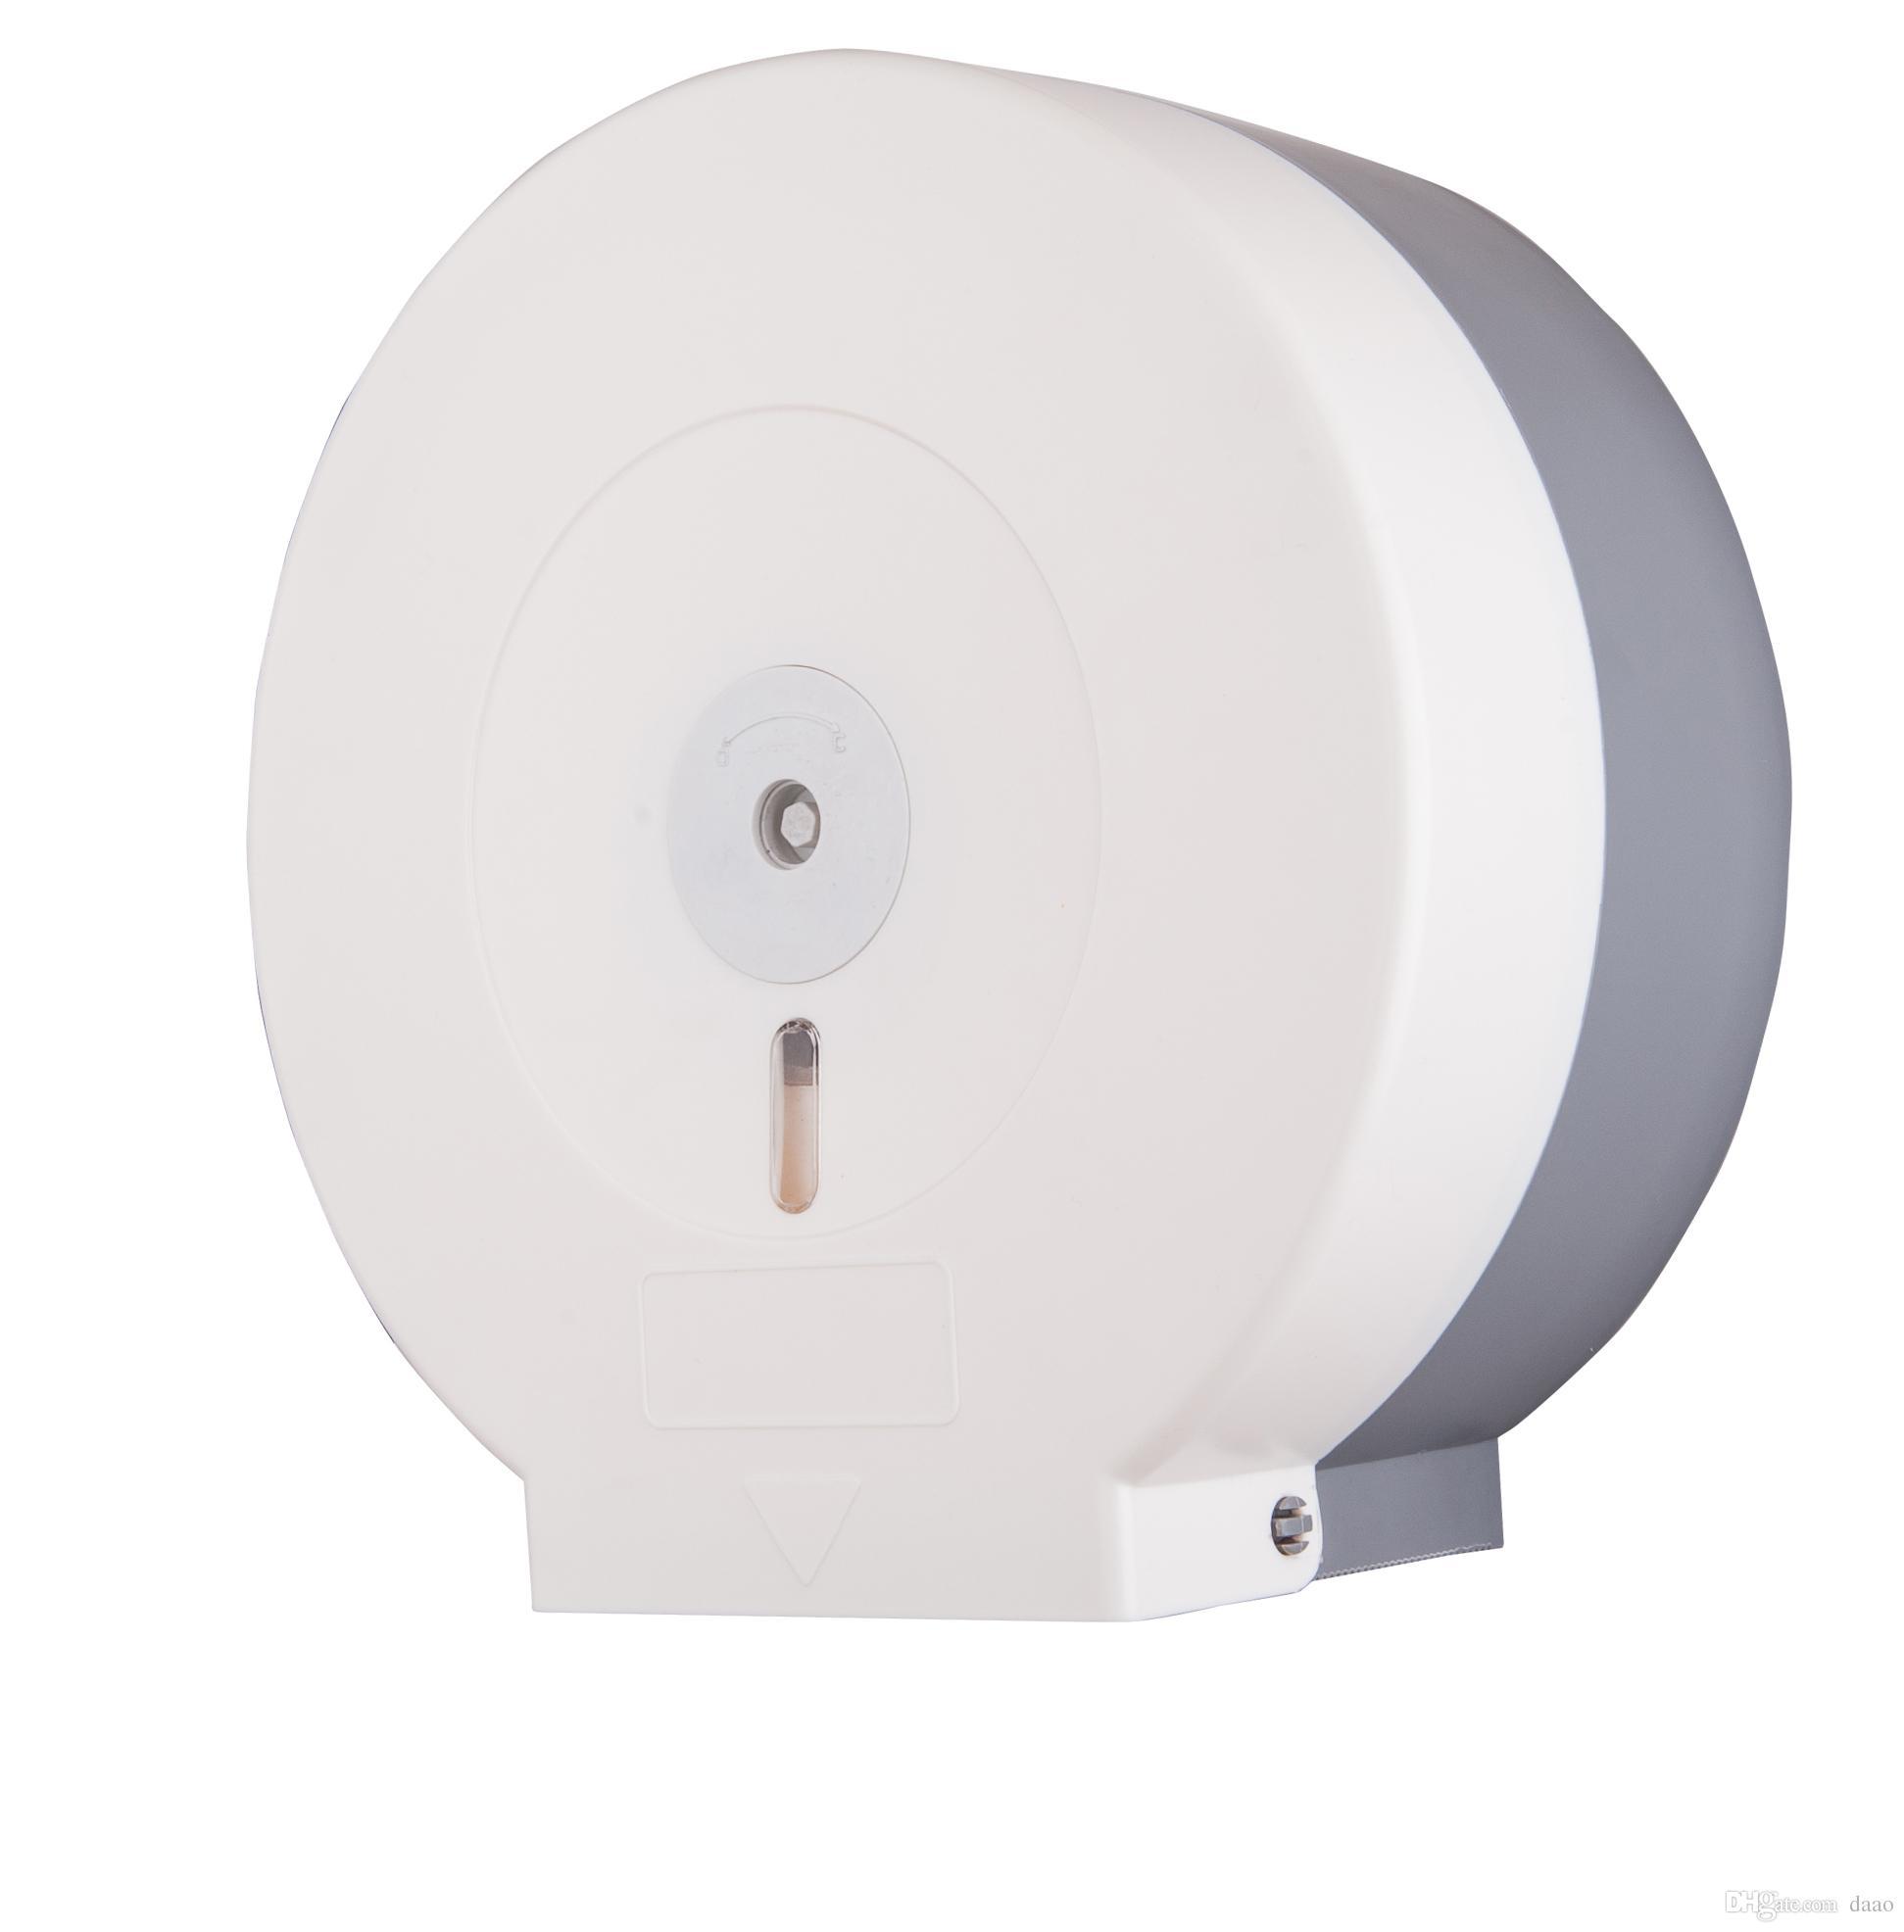 Plastic Tissue Holder Kitchen Tissue Holder Toilet Paper